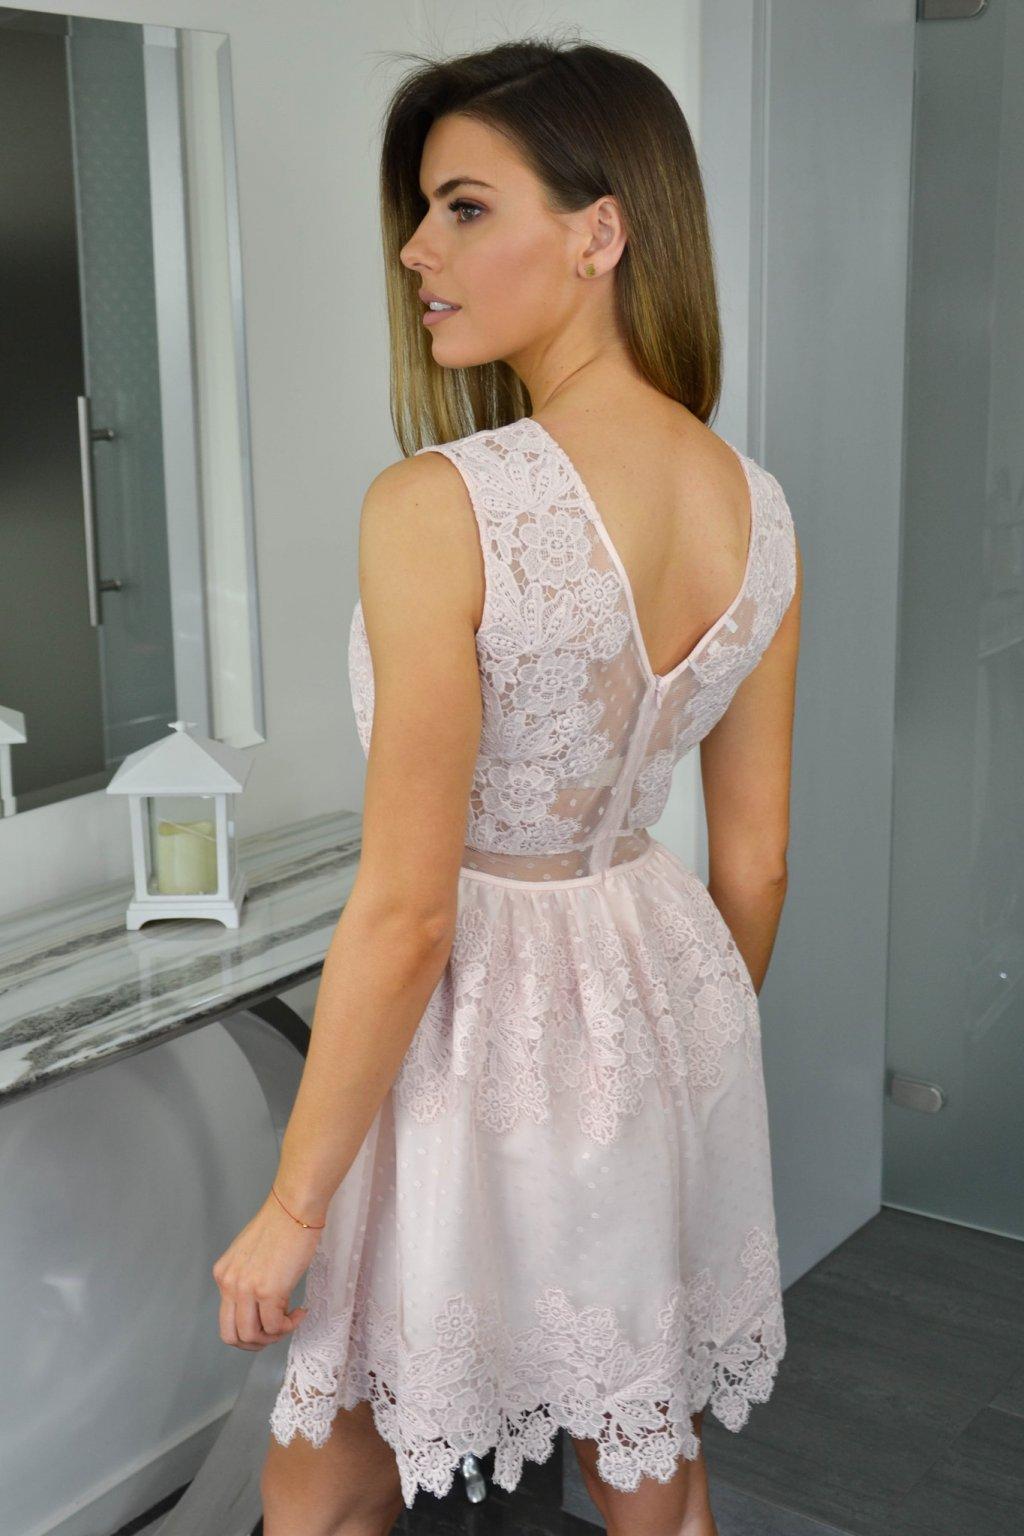 8ad8a50923 Dámske čipkované šaty 7456 ružové Dámske čipkované šaty 7456 ružové